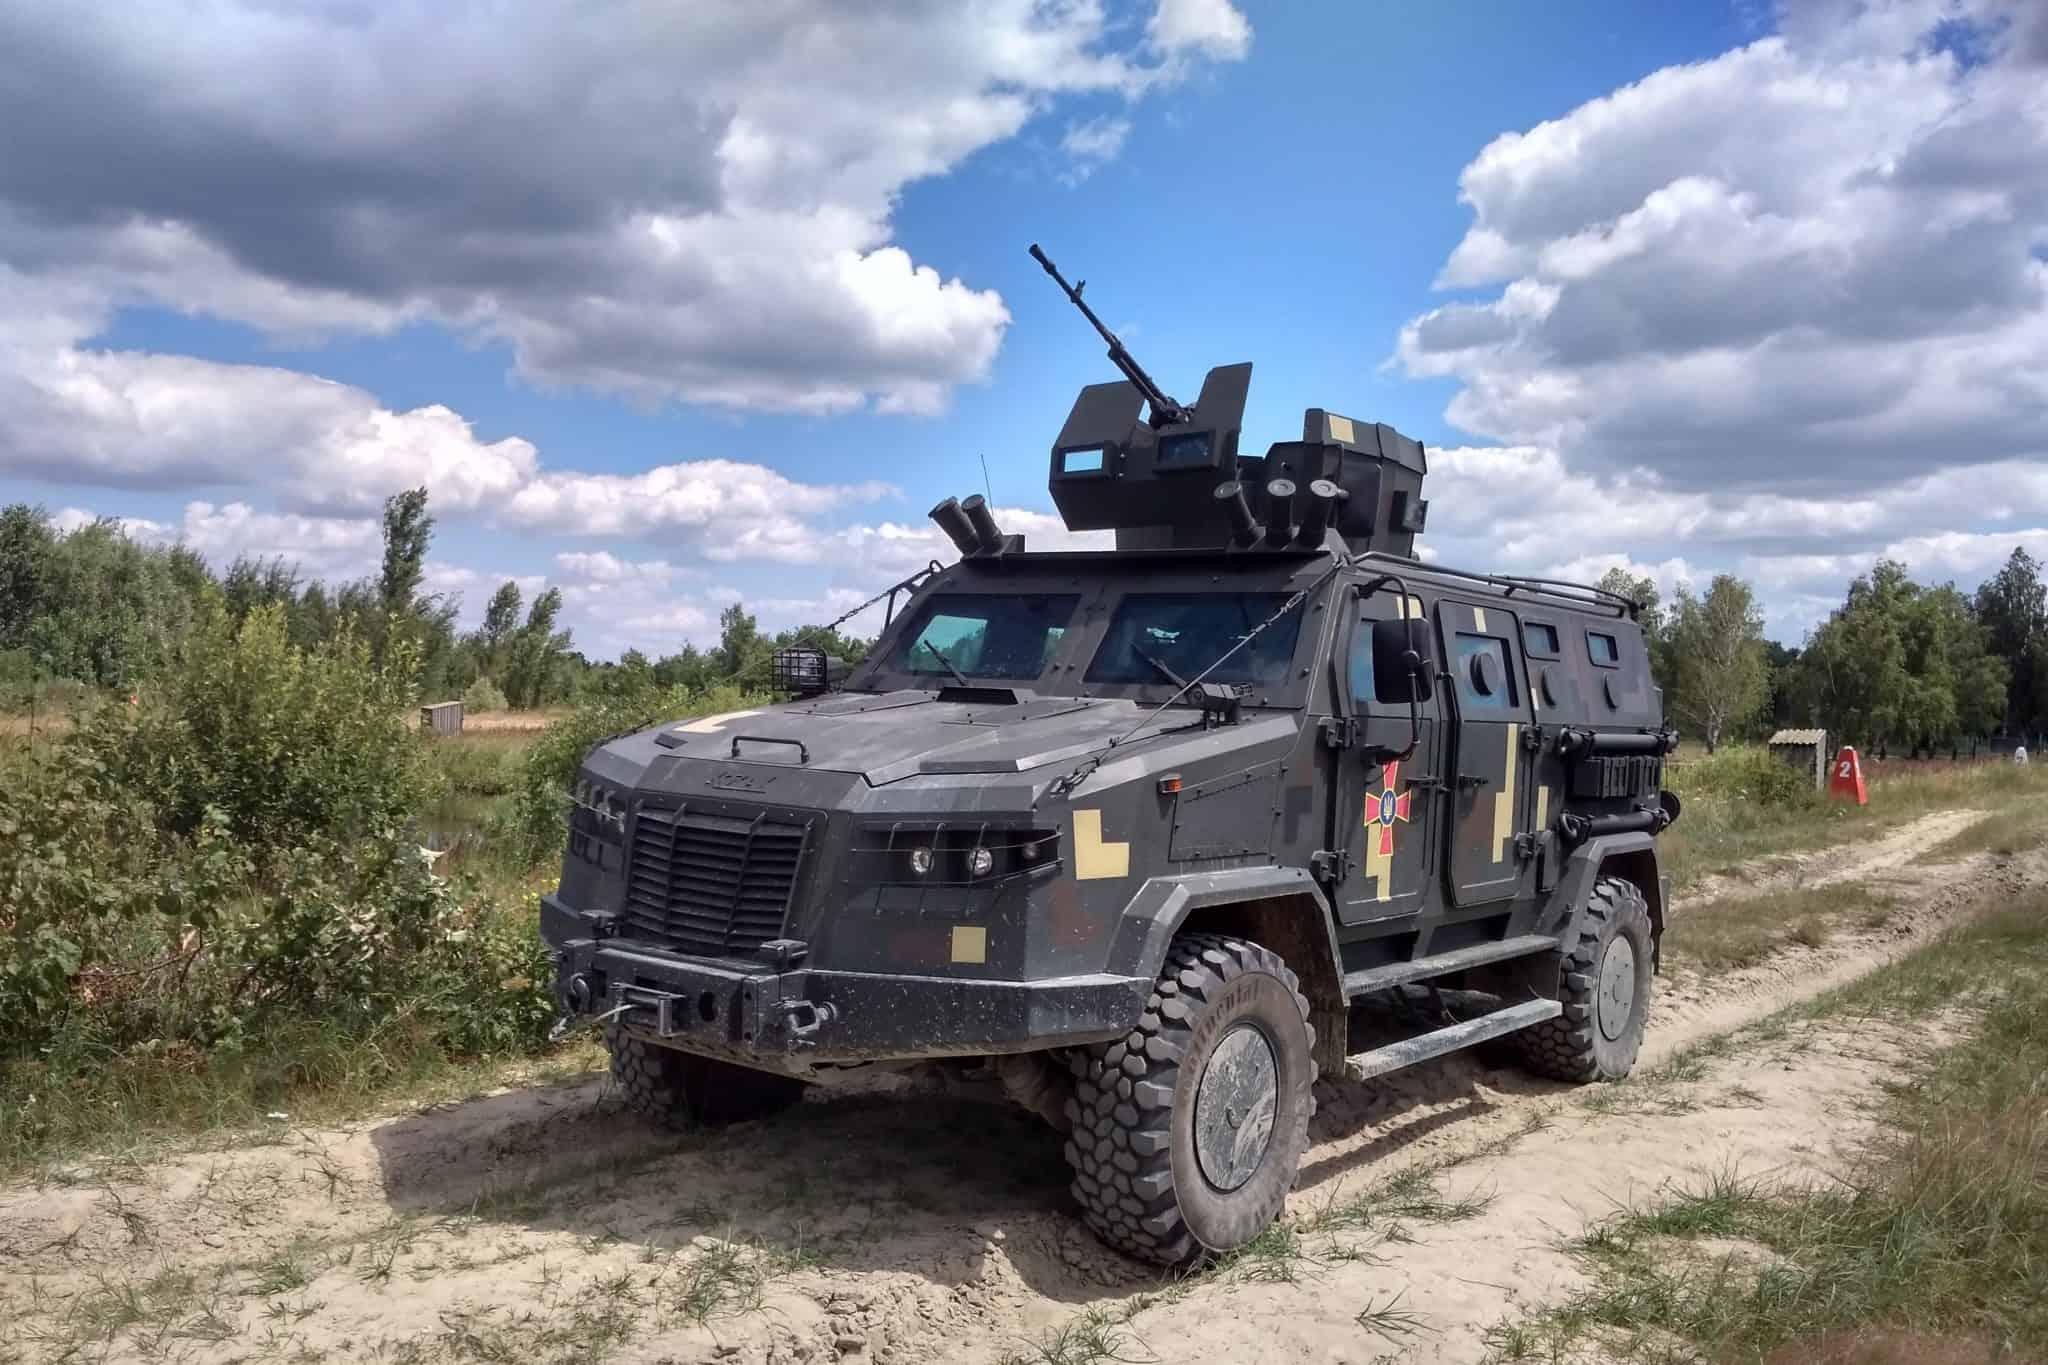 «Козак-2М1», створений для потреб Десантно-штурмових військ та Сил спеціальних операцій, у 2021-му замінить бронеавтомобіль «Козак-2»